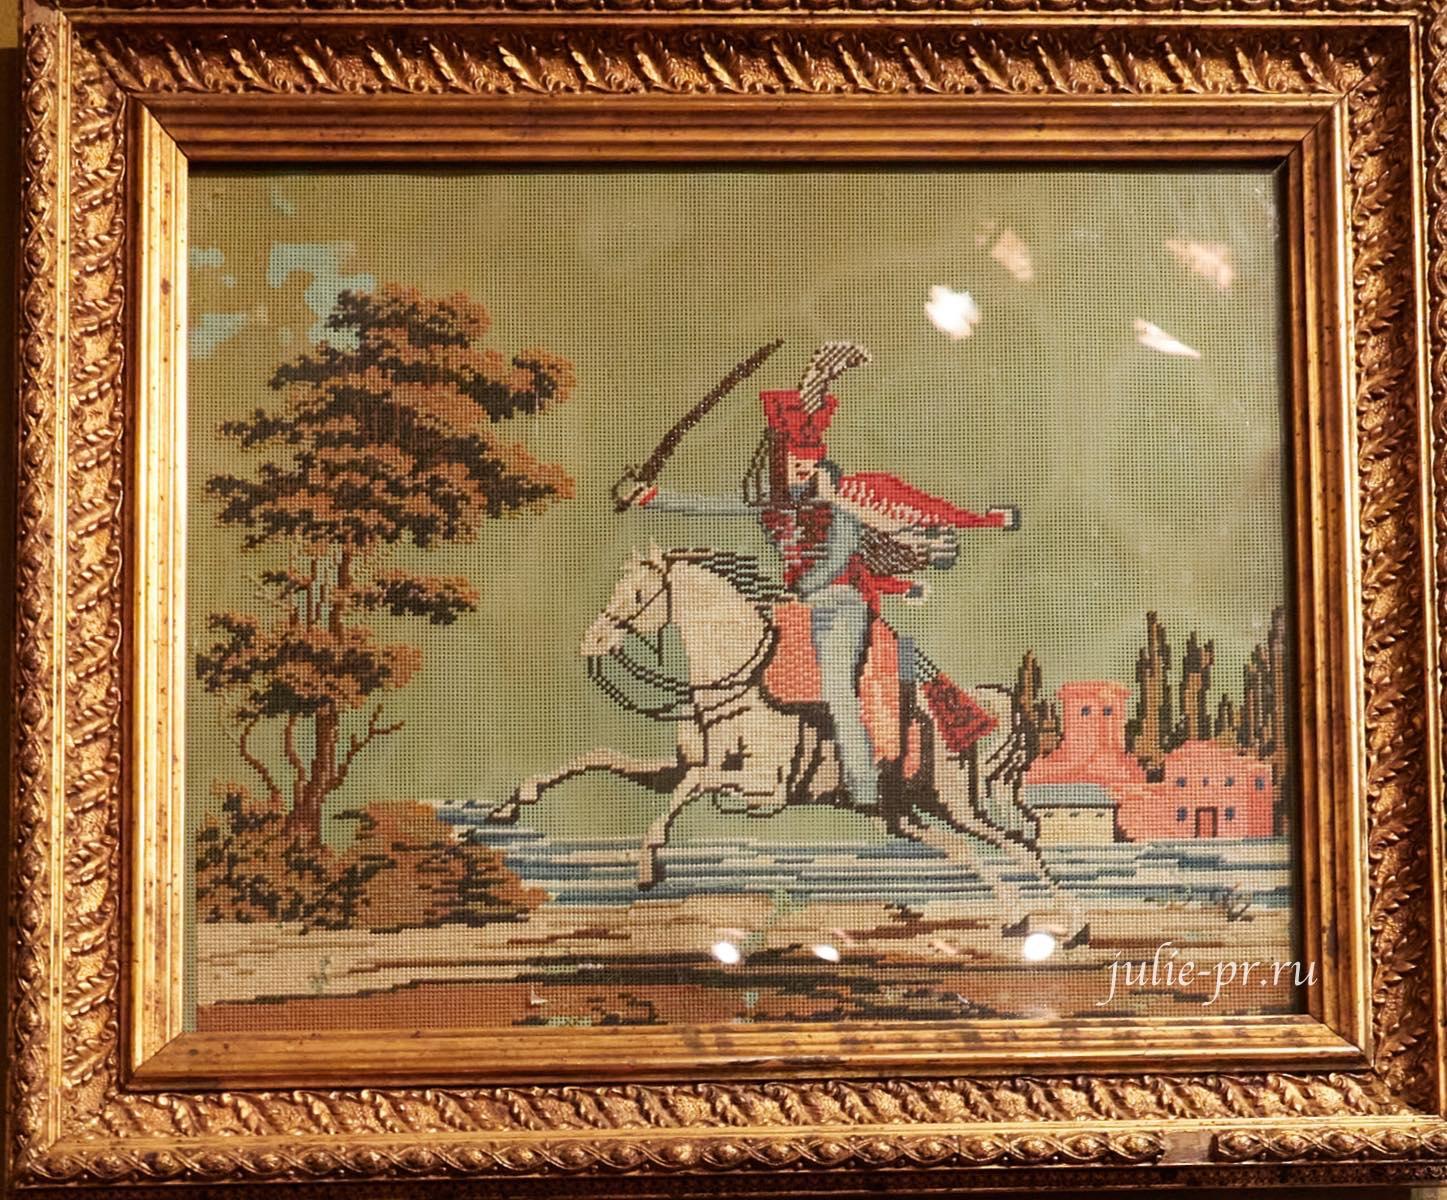 Гусар на коне, середина XIX в, Россия, вышивка шерстью и бисером по перфорированной бумаге, выставка Старинные вышивки